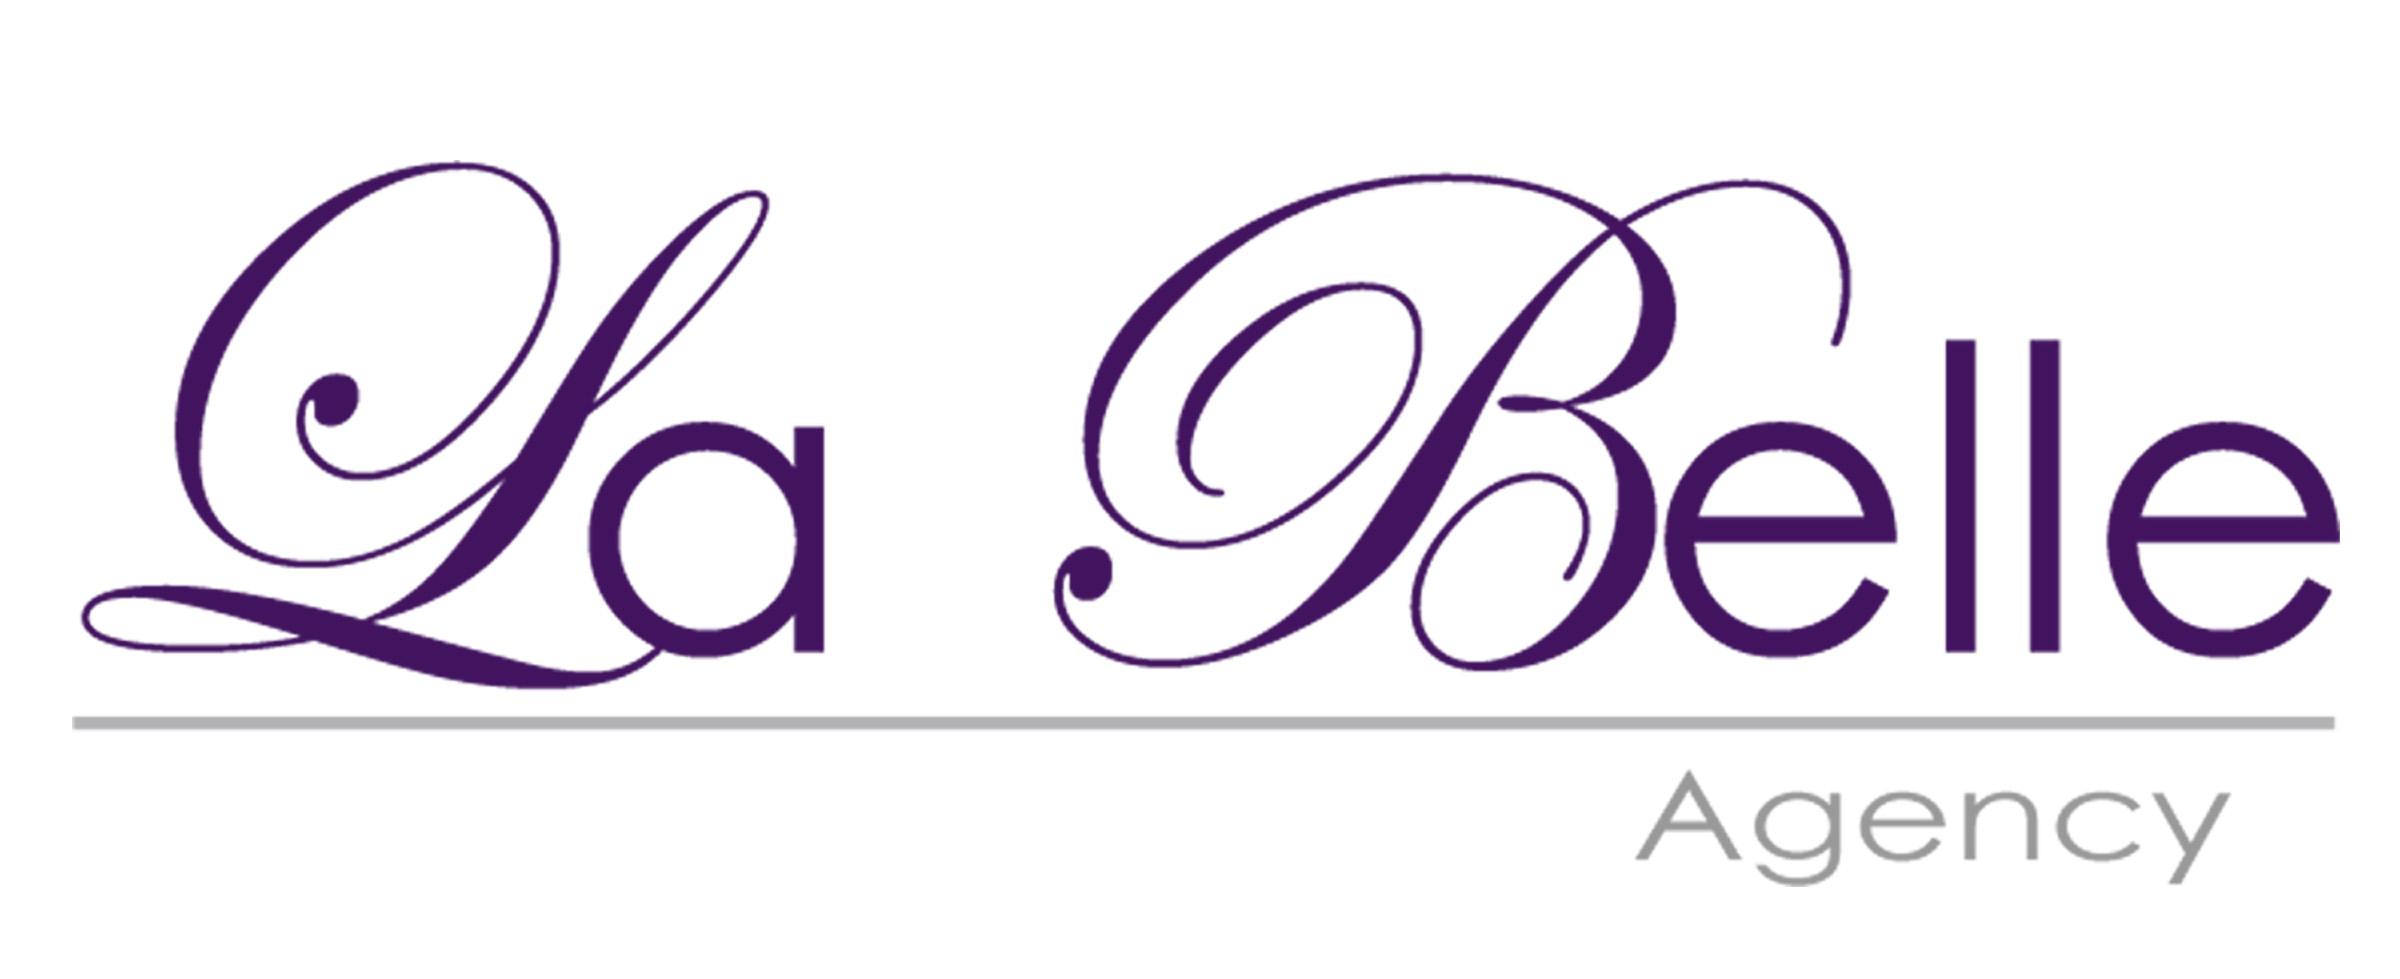 LaBelleAgency_logo1.jpg